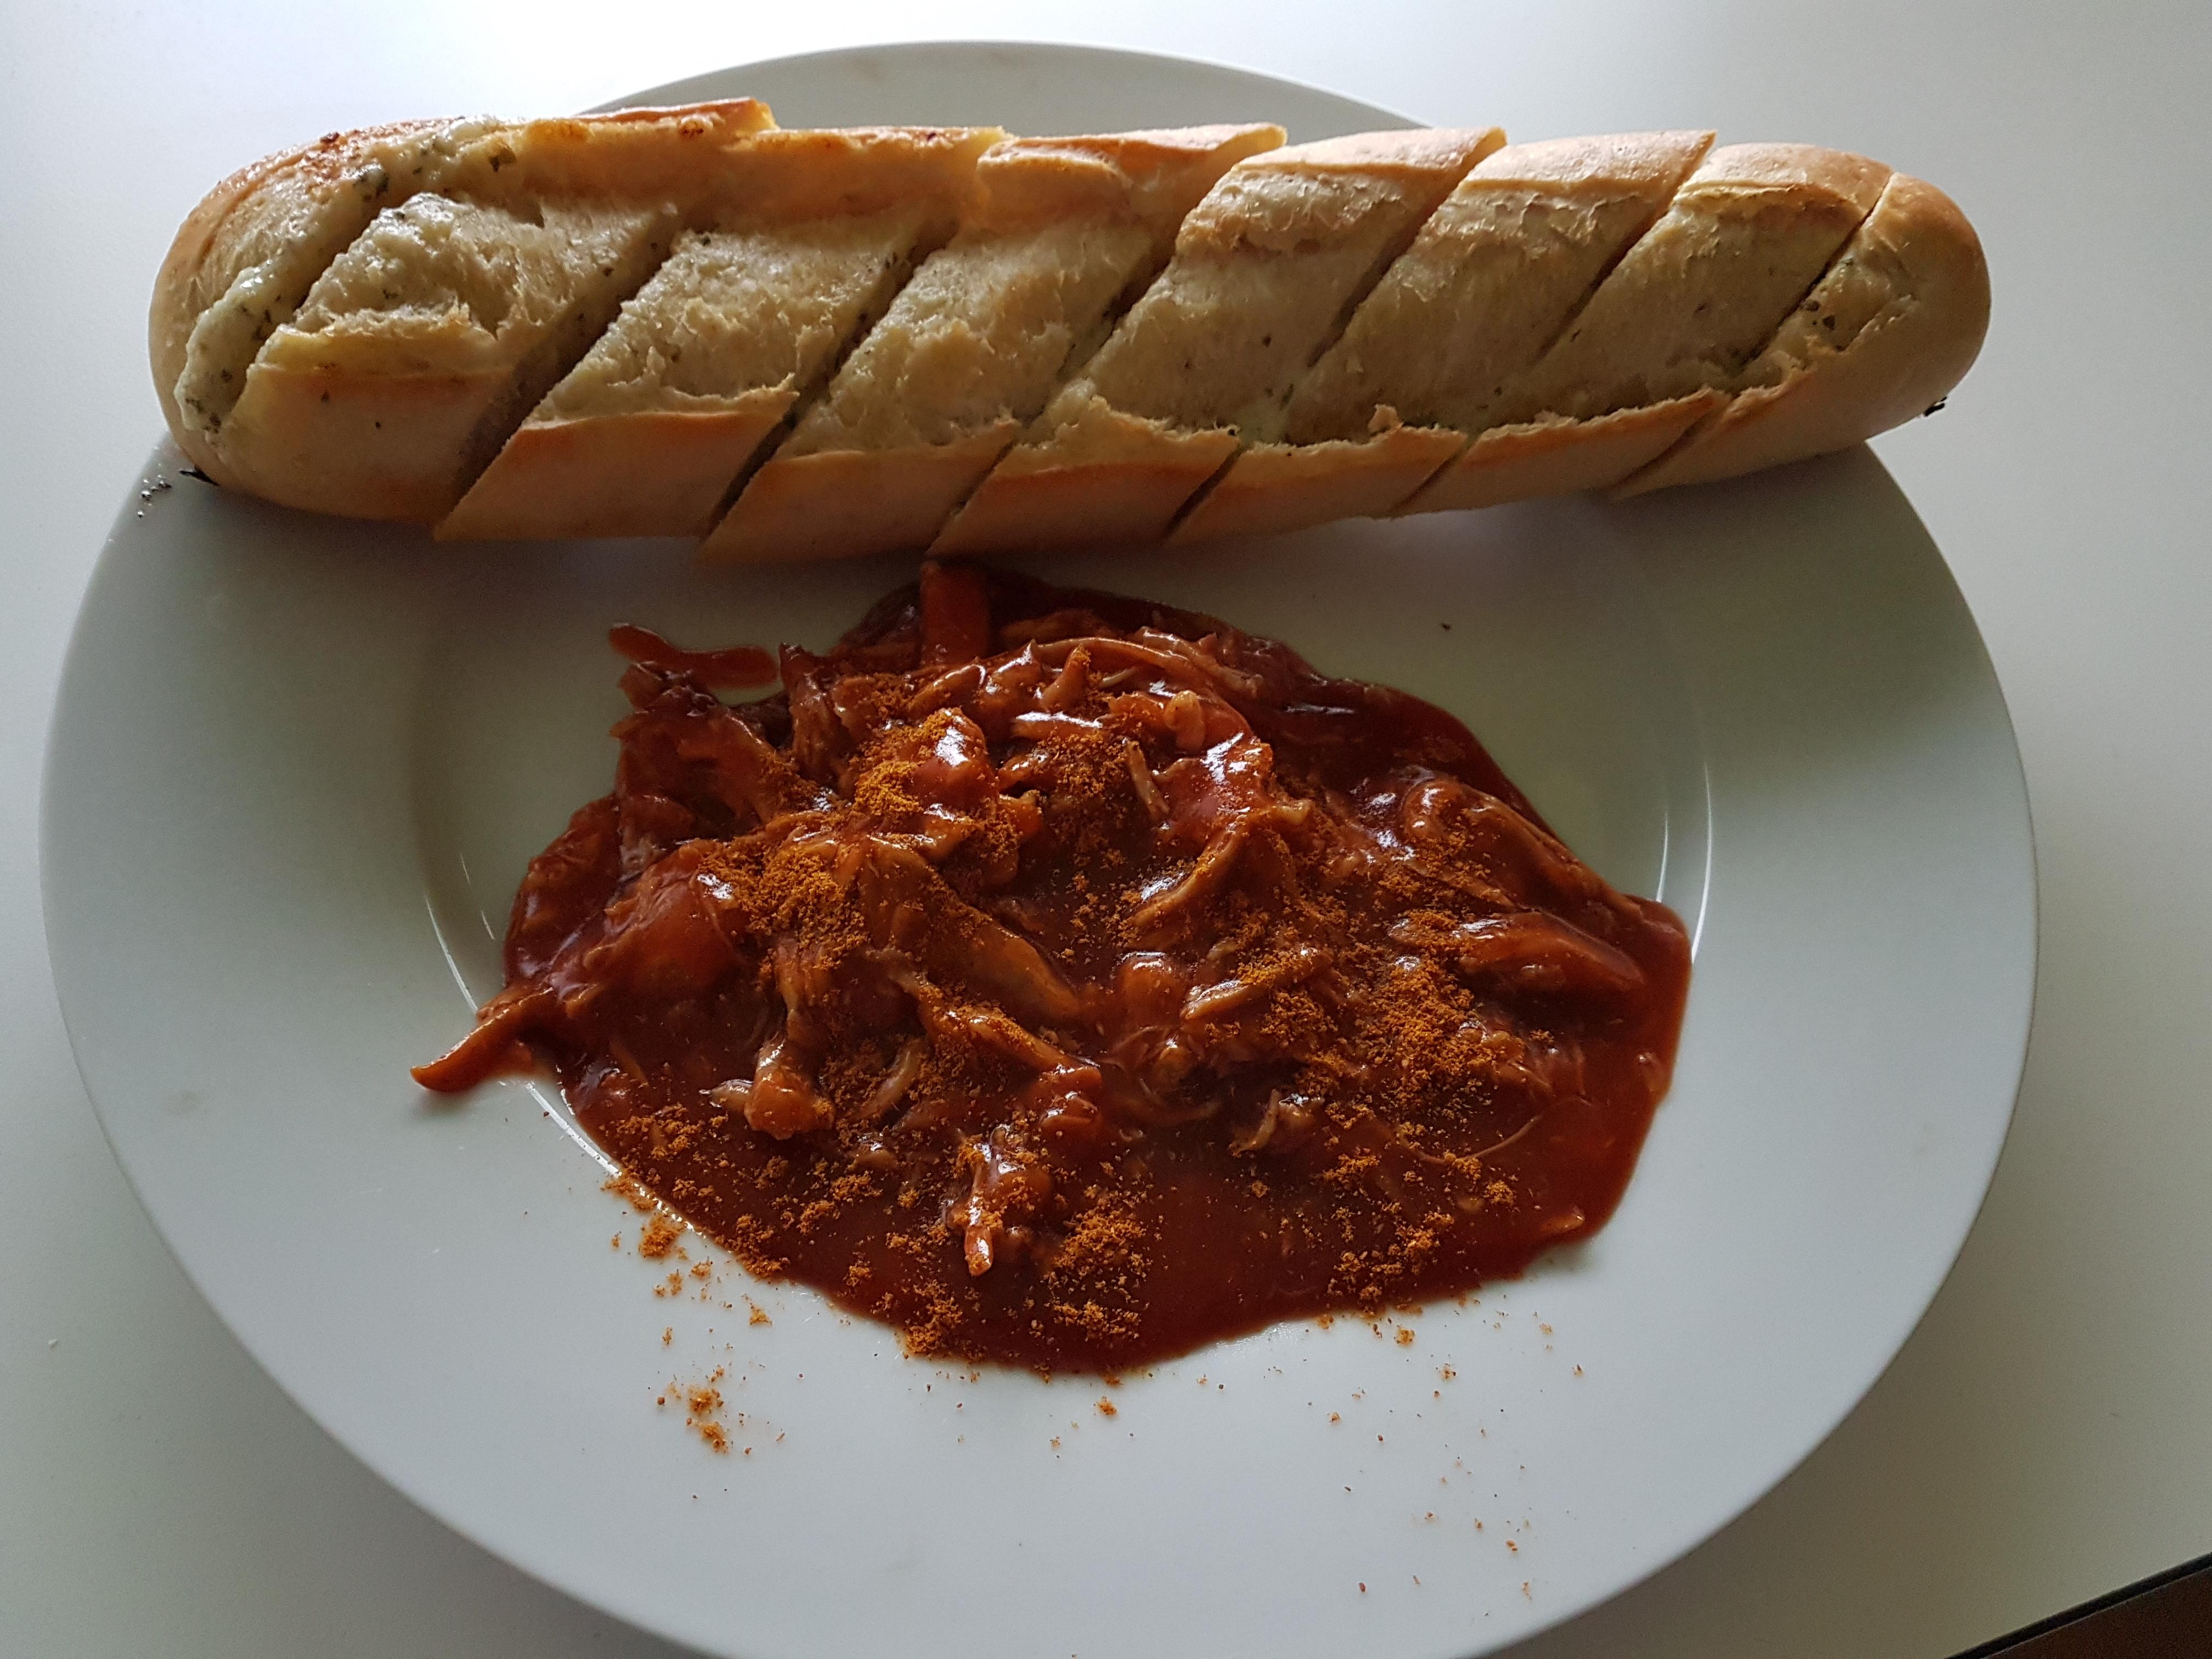 http://foodloader.net/Holz_2017-09-27_Pulled_Pork_und_Knoblauchbaguette.jpg